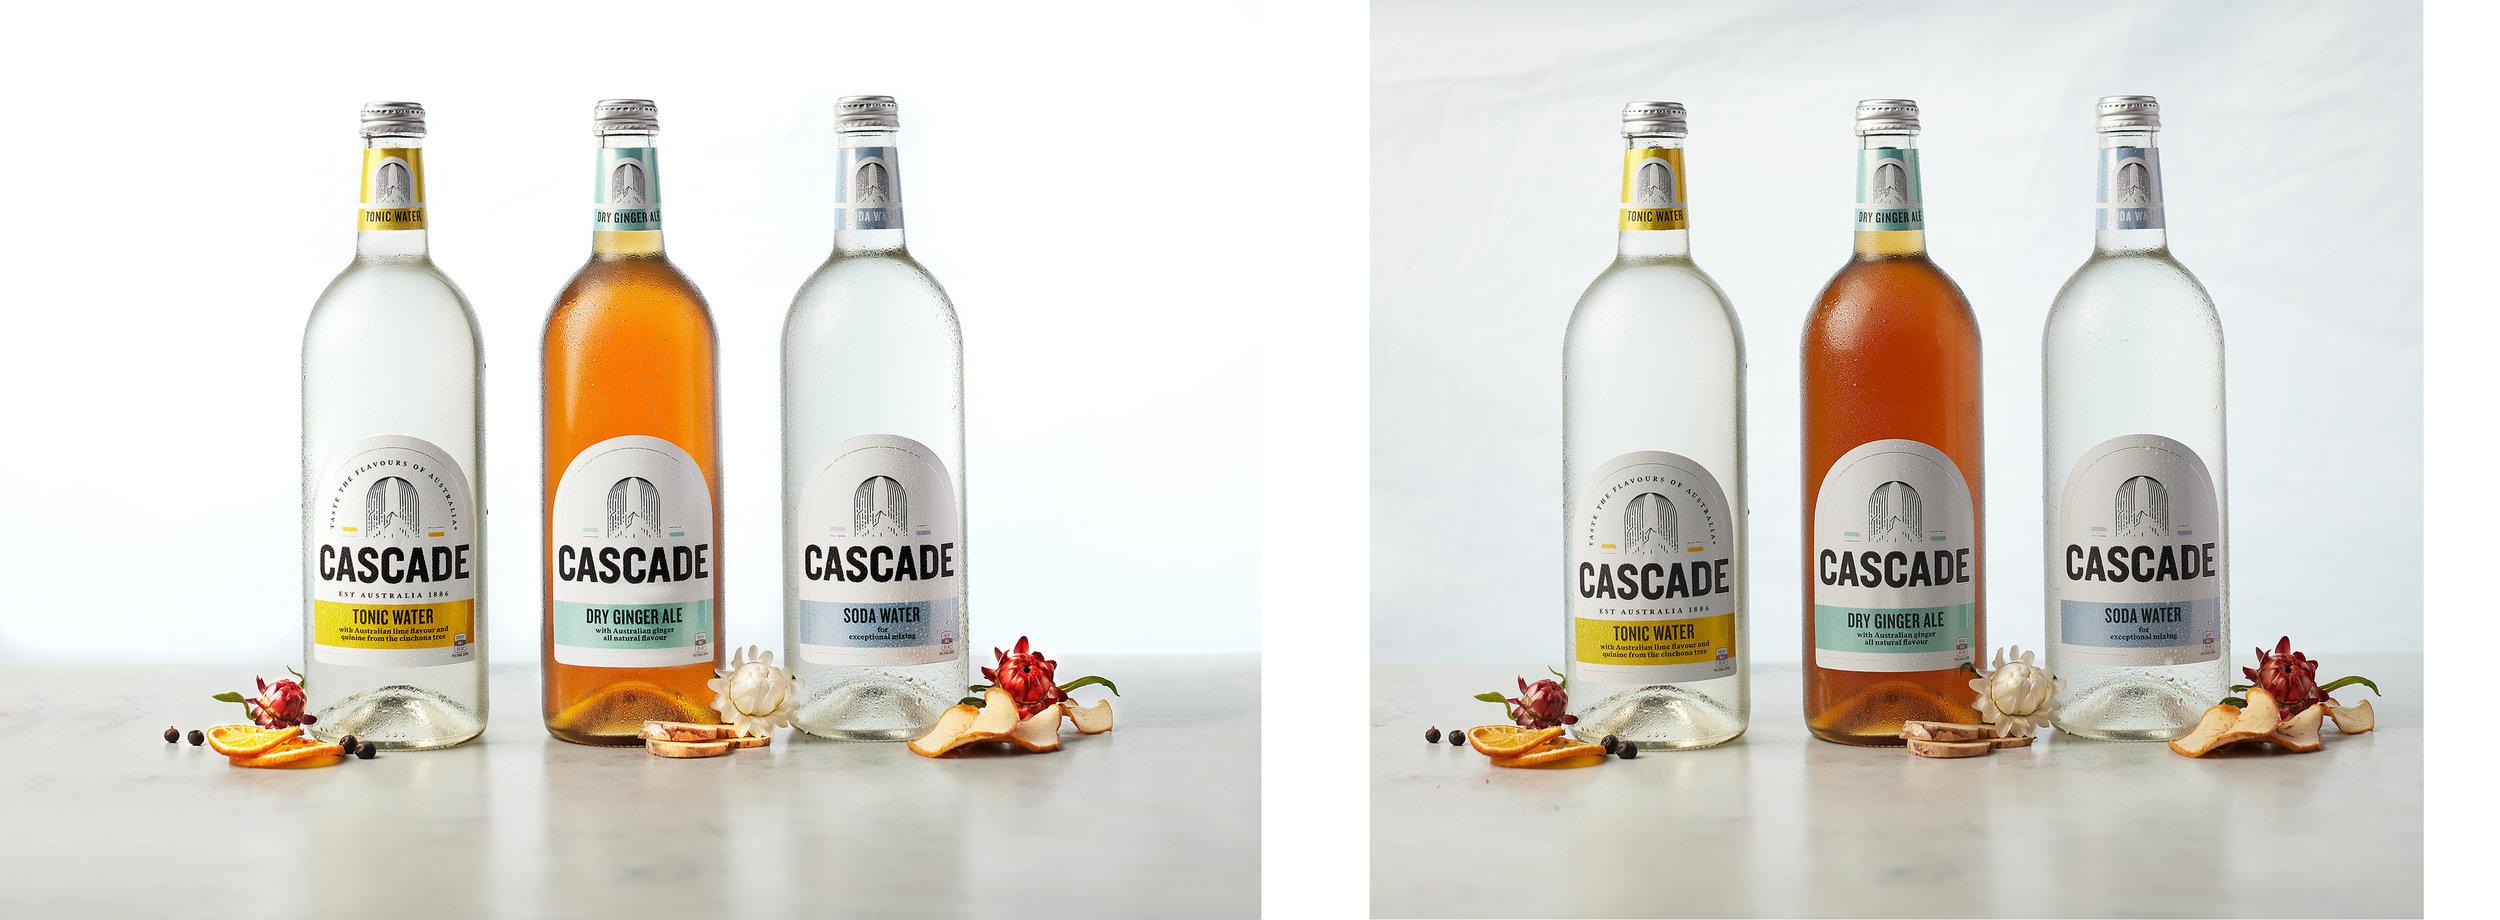 Image for Cascade - Coca Cola Amatil